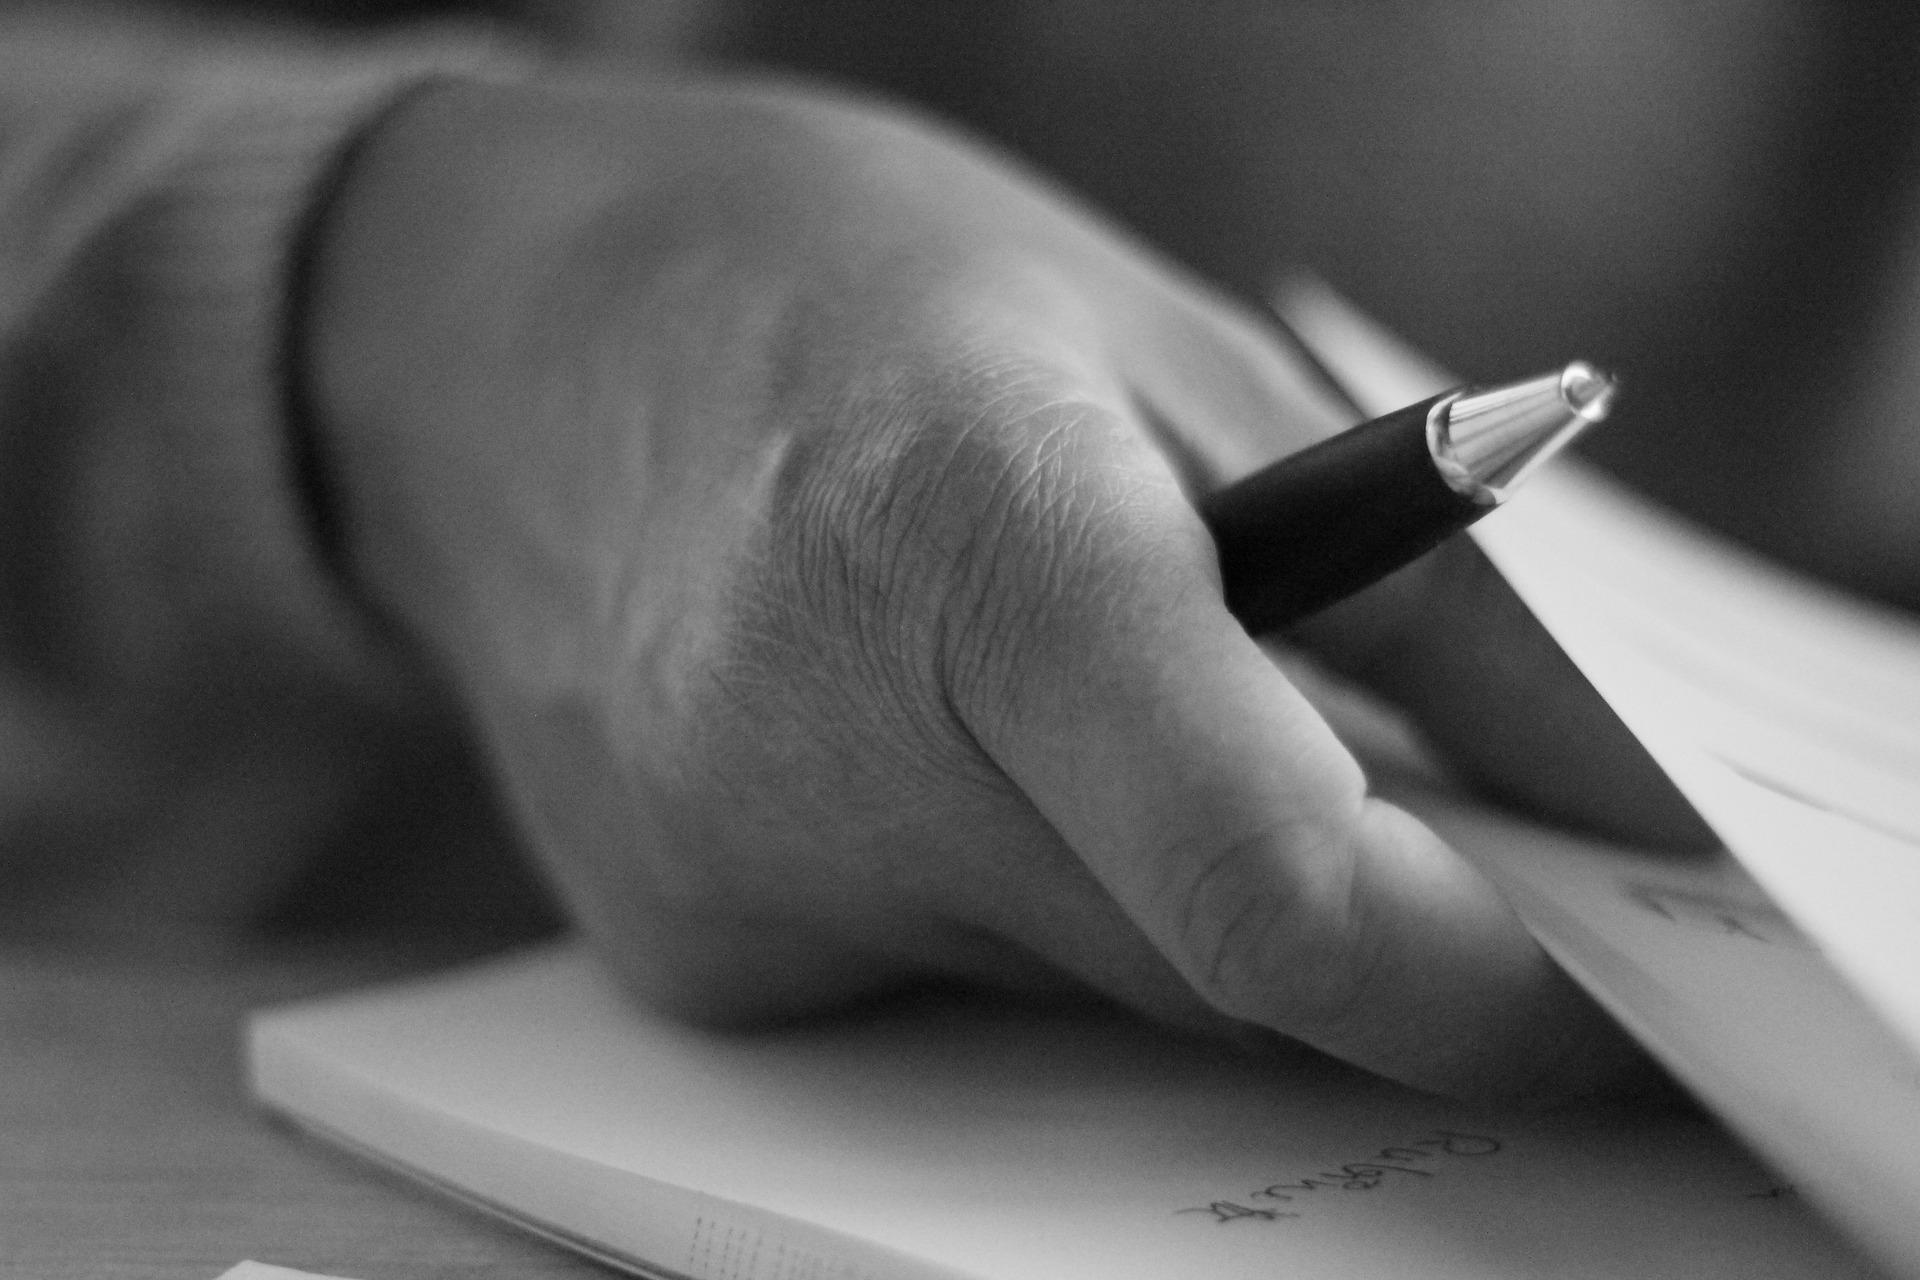 Dossier de surendettement recevable et effacement des dettes